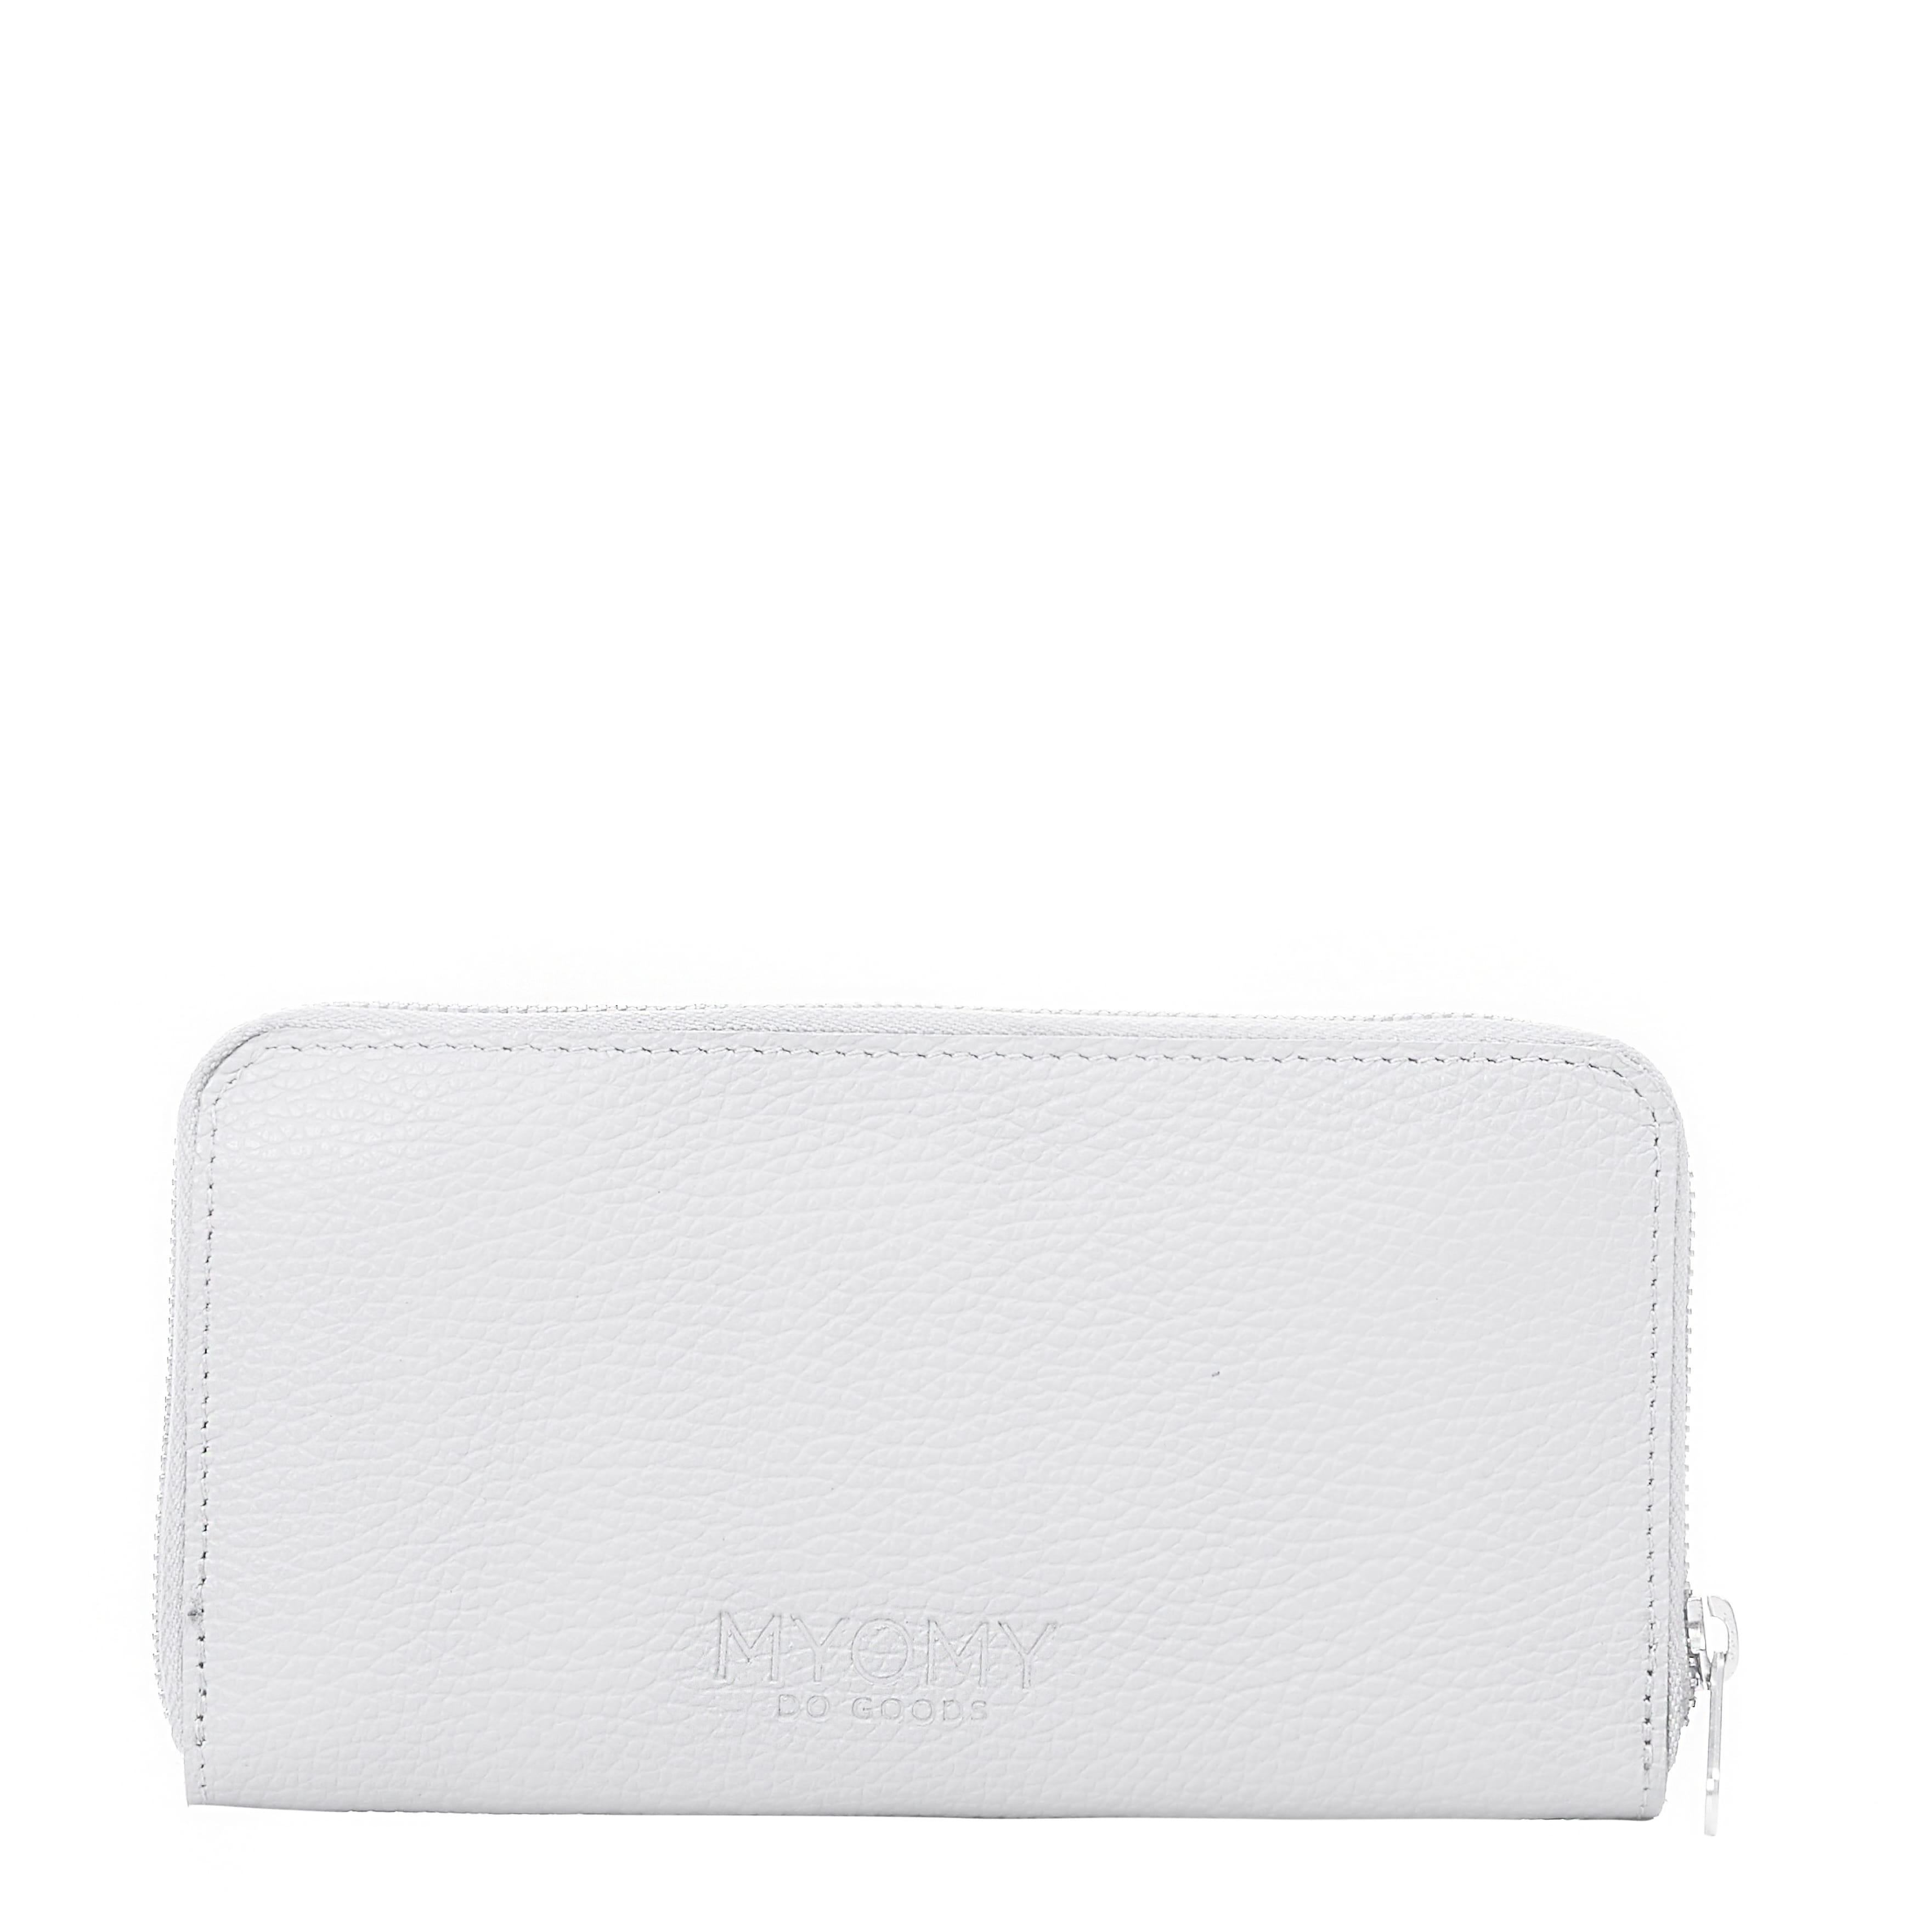 MY PAPER BAG Wallet – rambler white